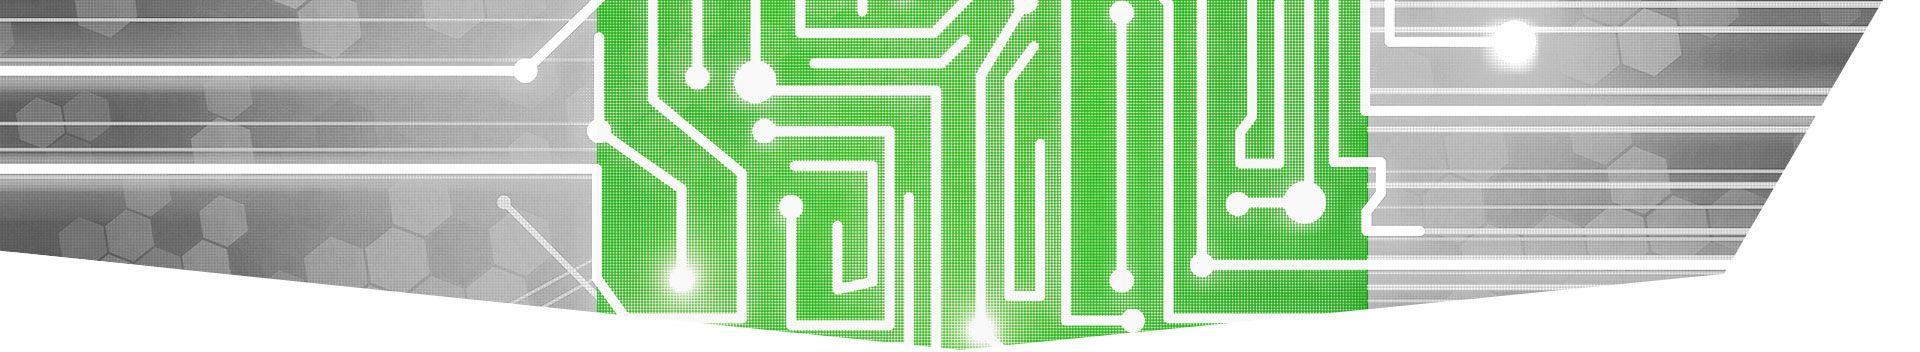 csm_header_archivierungssoftware_rwas_2_1920x352_fe17b528a6